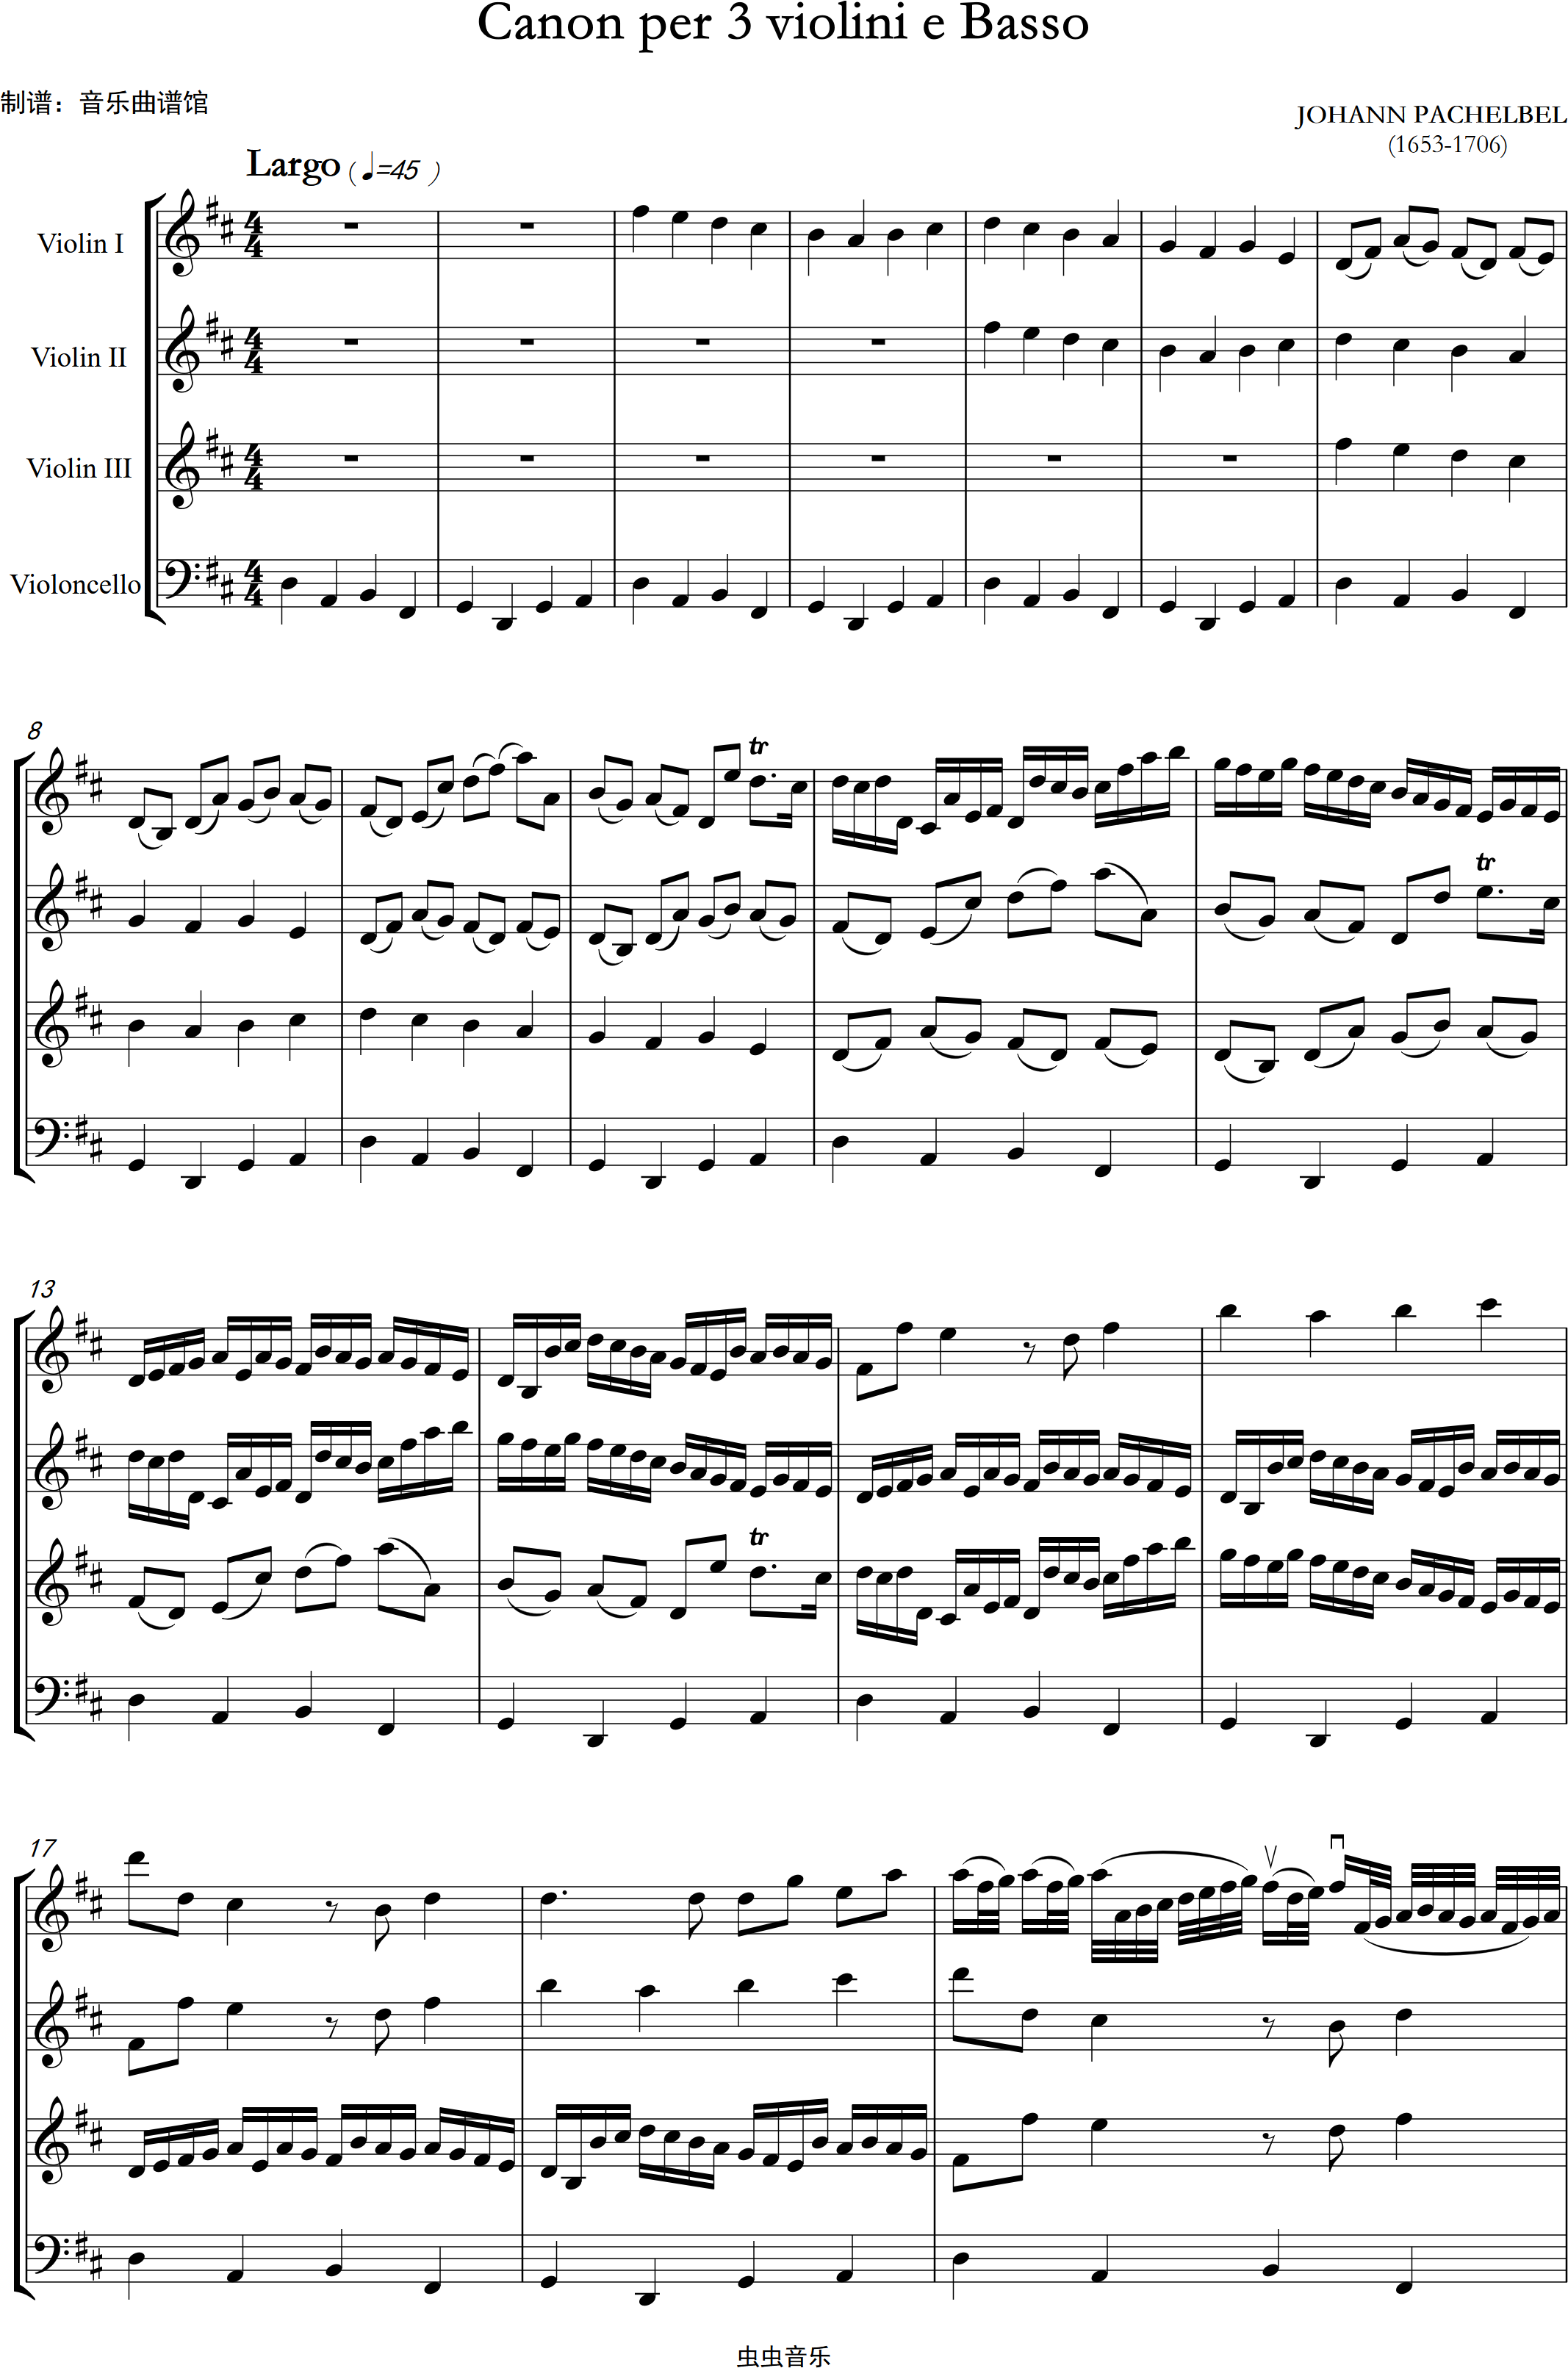 卡农钢琴曲曲谱虫虫_《D大调卡农弦乐四重奏》钢琴谱_D调总谱_JOHANN PACHELBEL(1653-1706 ...